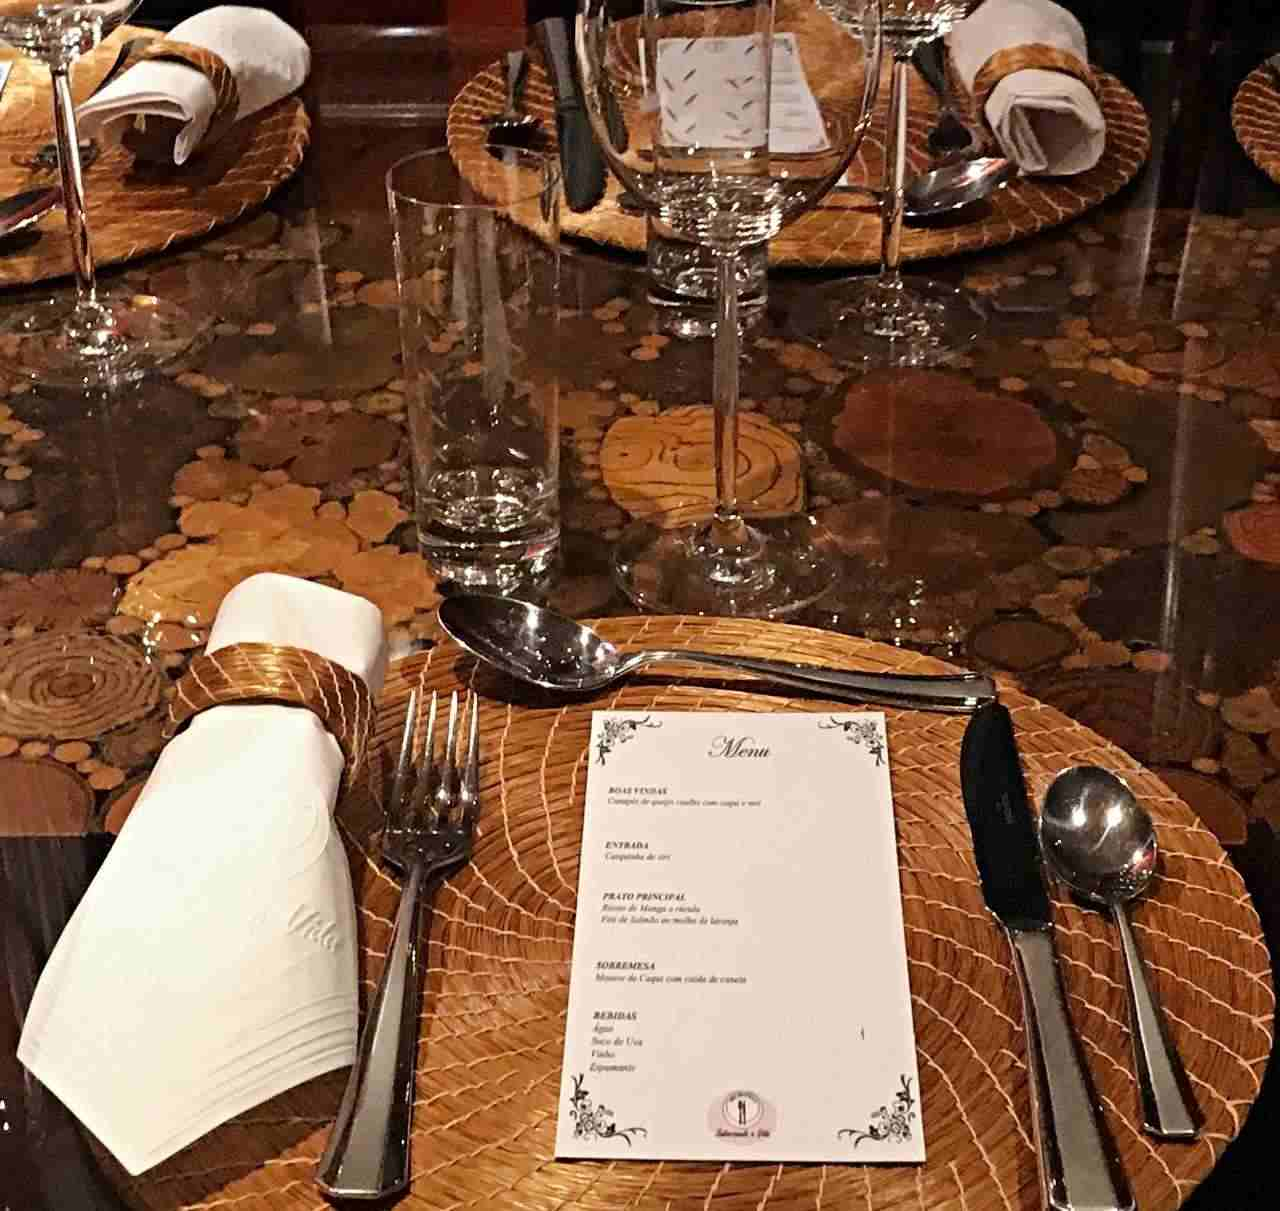 Mesa jantar com amigos - detalhes